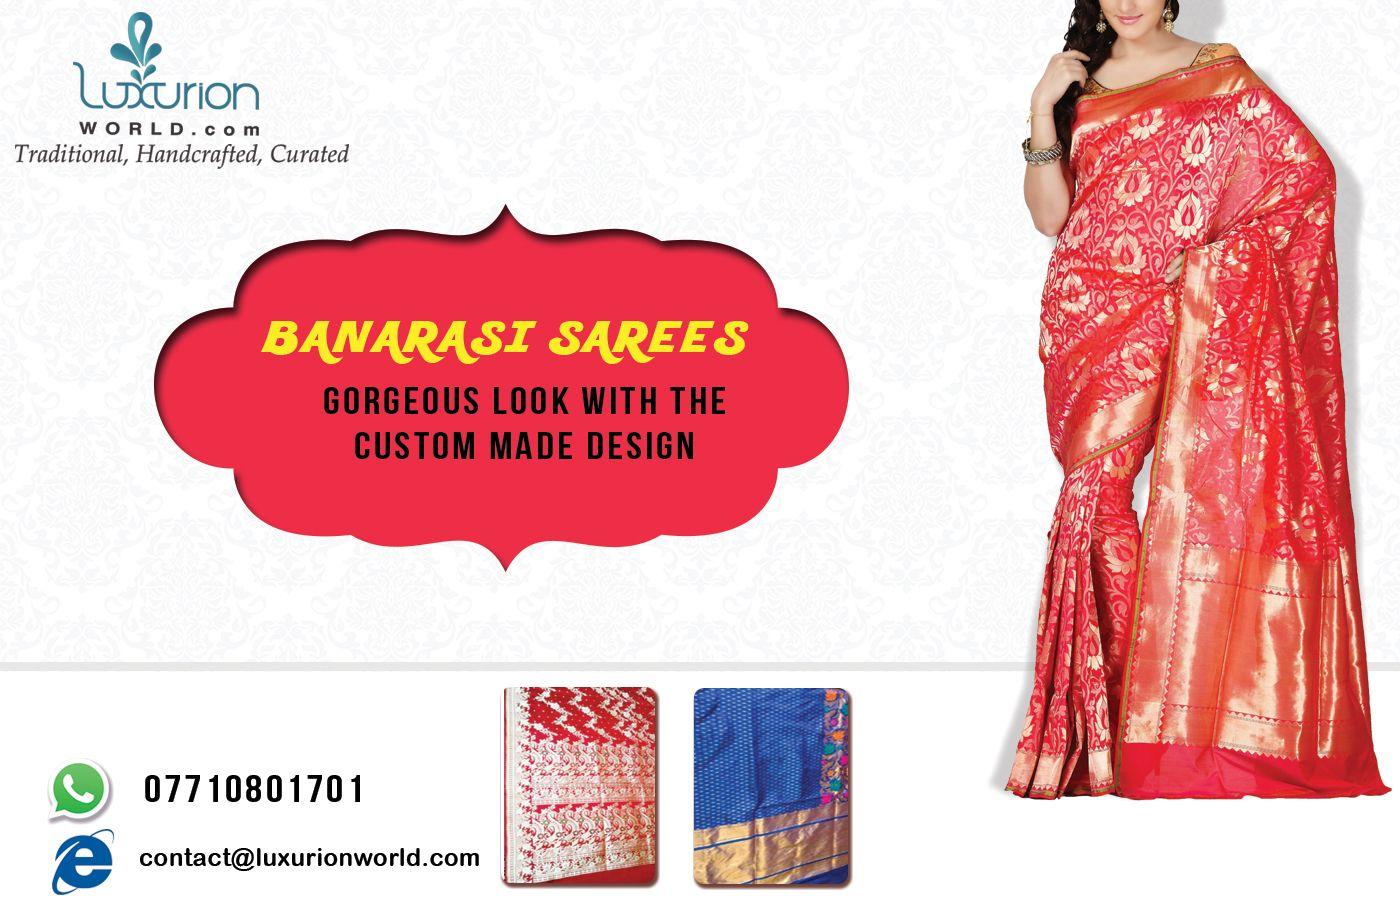 Bring Ultimate Grace to Your Look with the Custom Made Design of Banarasi Sarees, having various design & color. Shop online on http://luxurionworld.com/banarasi-Sarees-varanasi-pure-silk